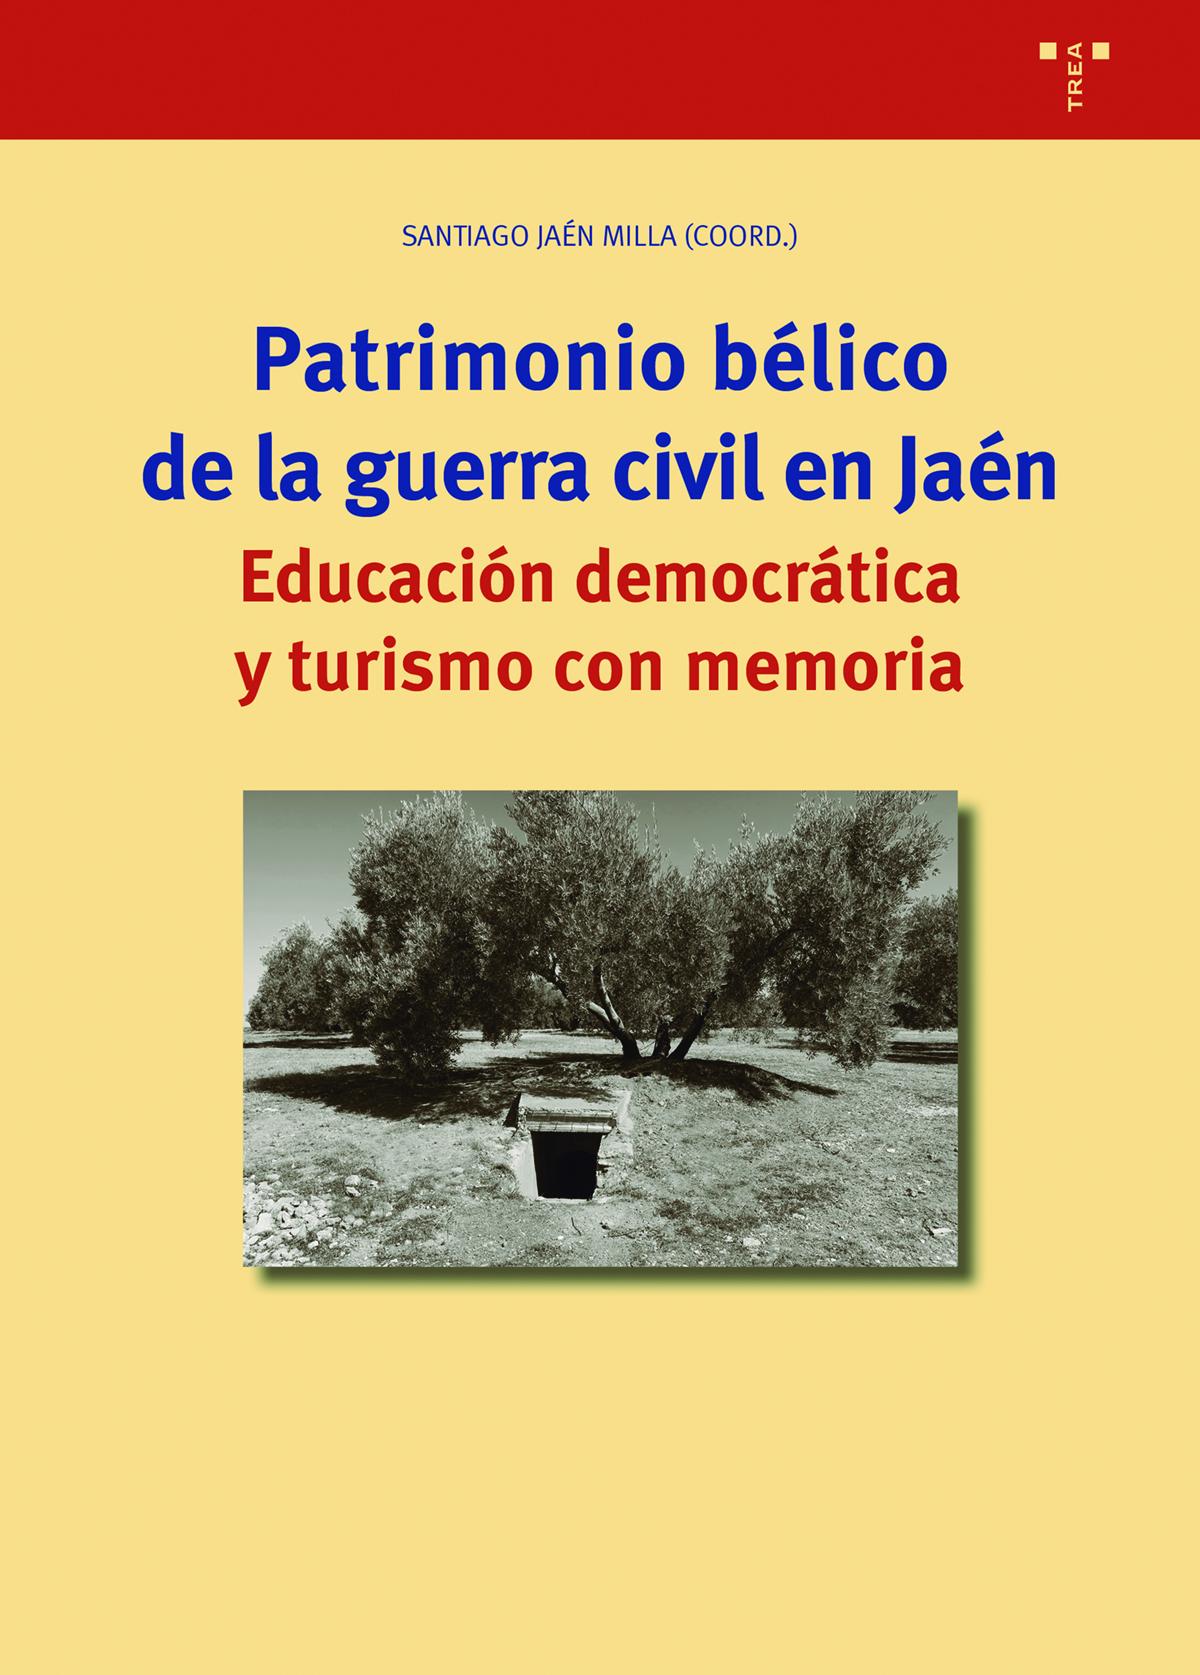 Patrimonio bélico en la guerra civil en Jaén   «Educación democrática y turismo con memoria»